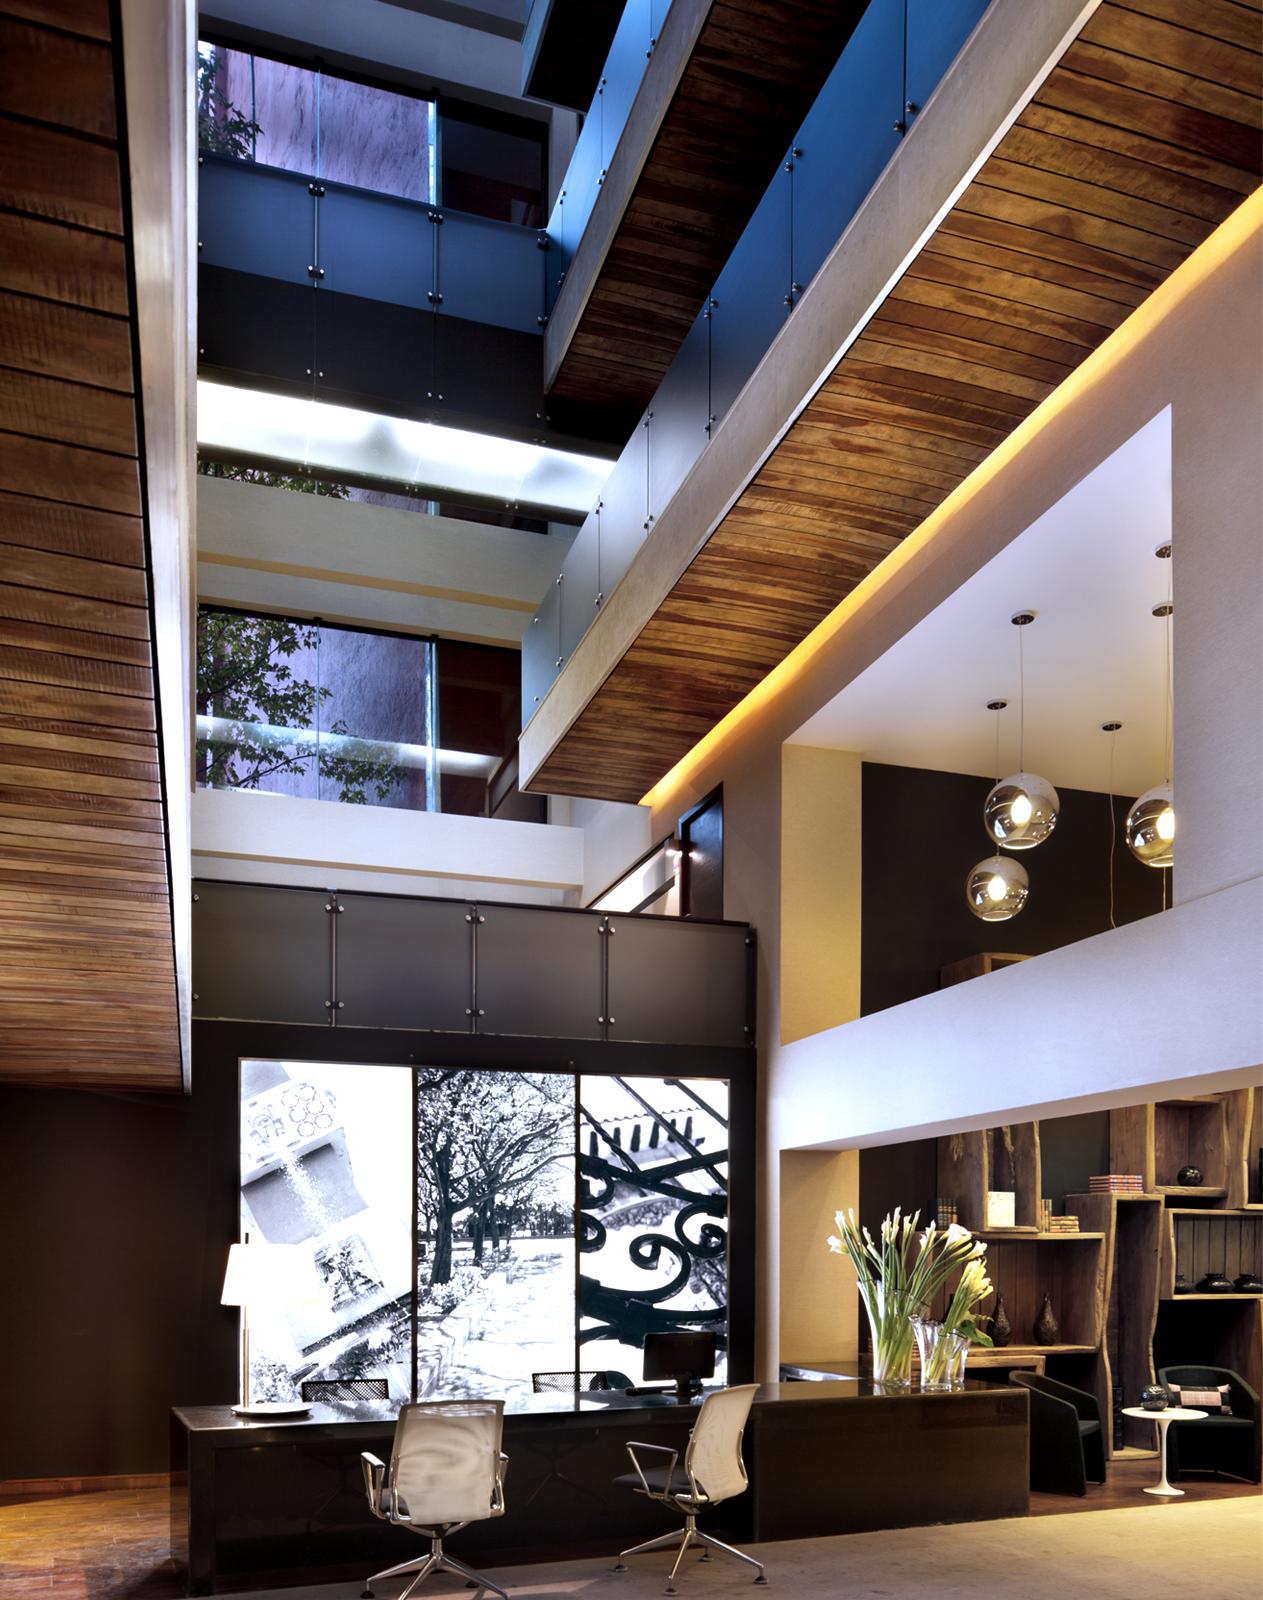 insignias-interiorismo-arquitectura-suite-ccubica-2